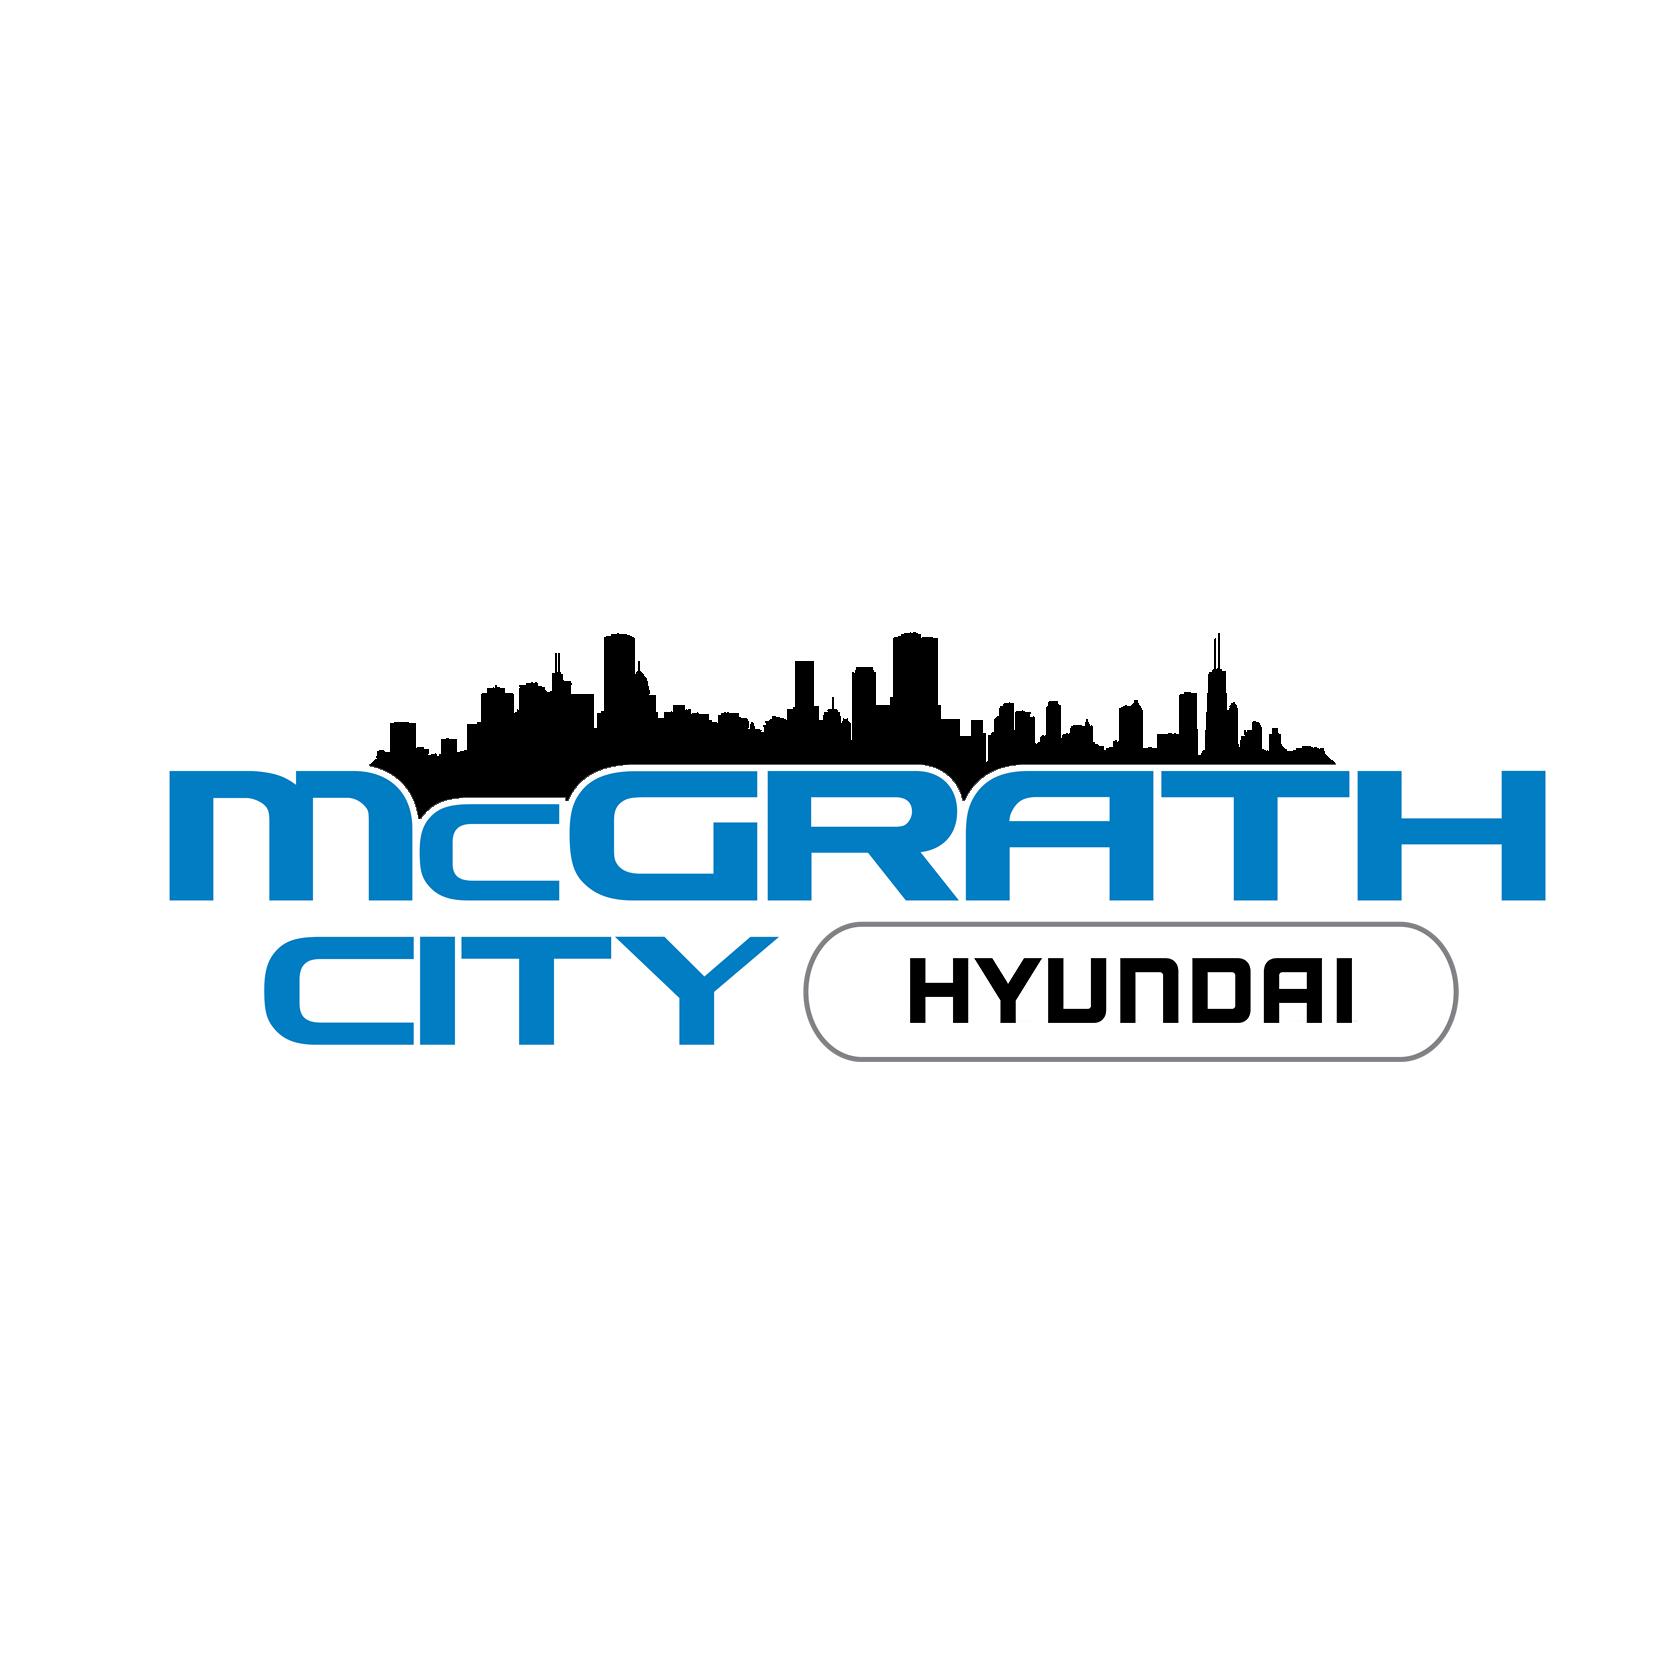 McGrath City Hyundai image 2